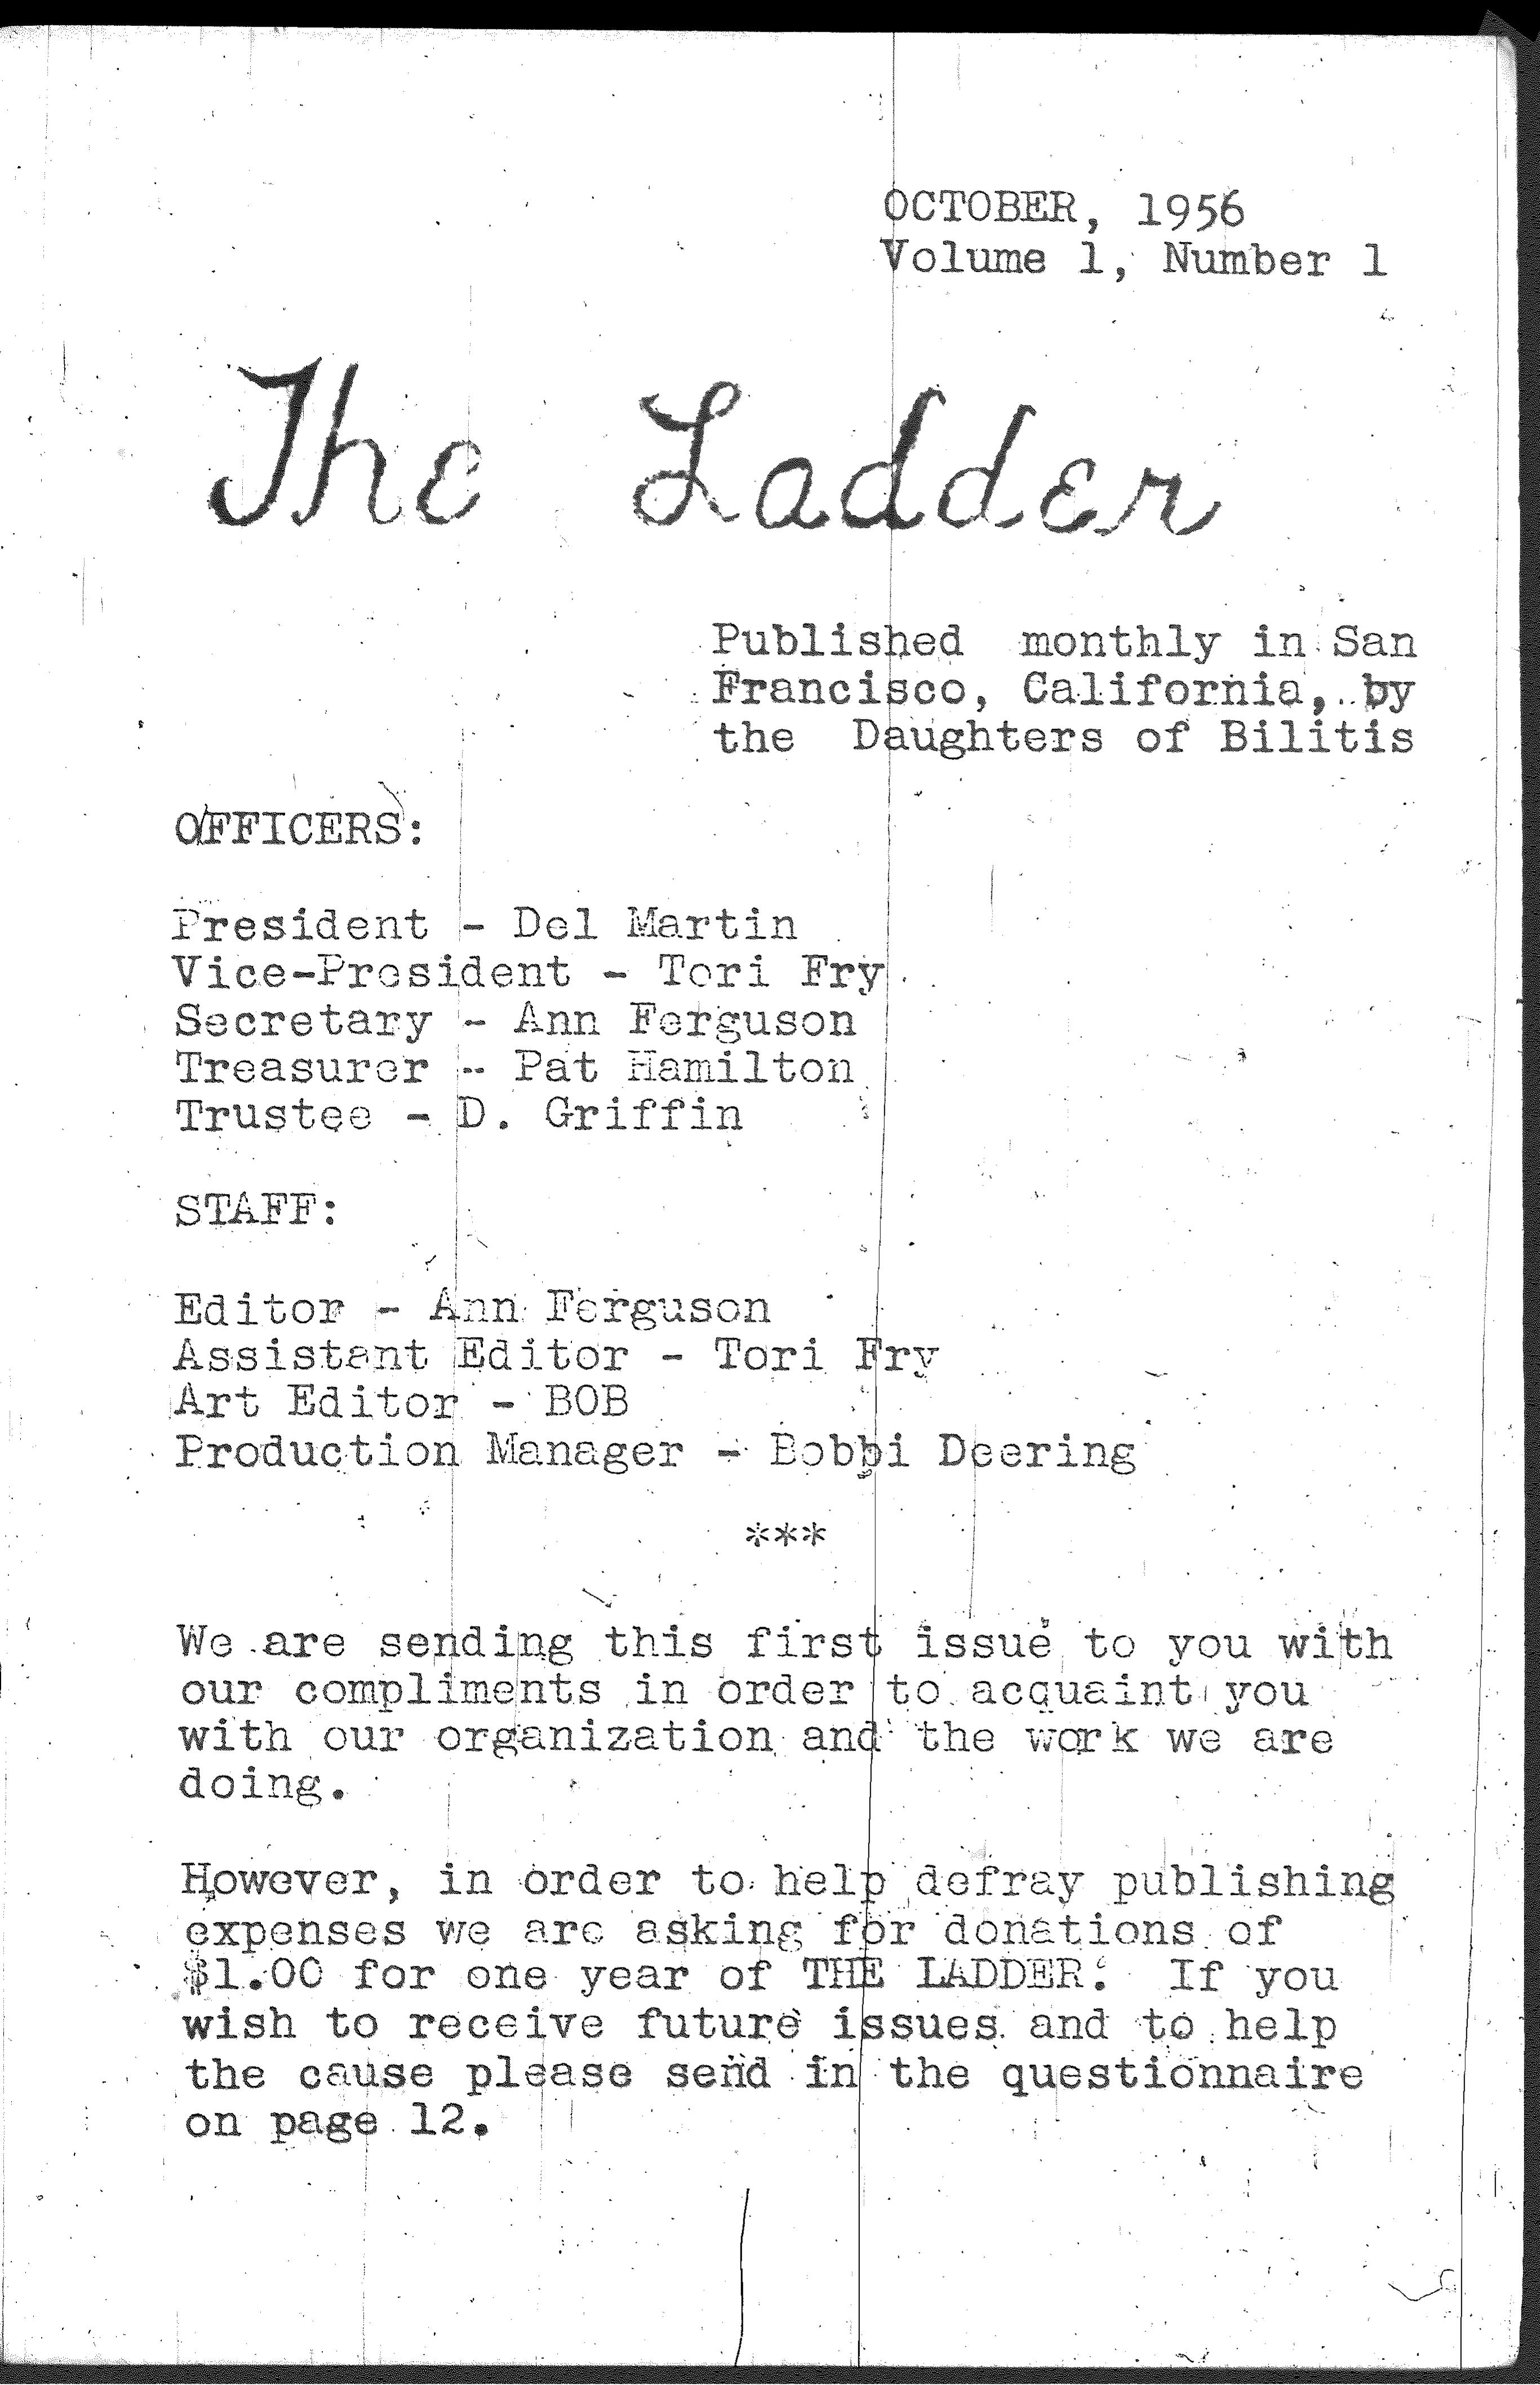 The Ladder, October 1956, Vol  1, No  1 | Alexander Street